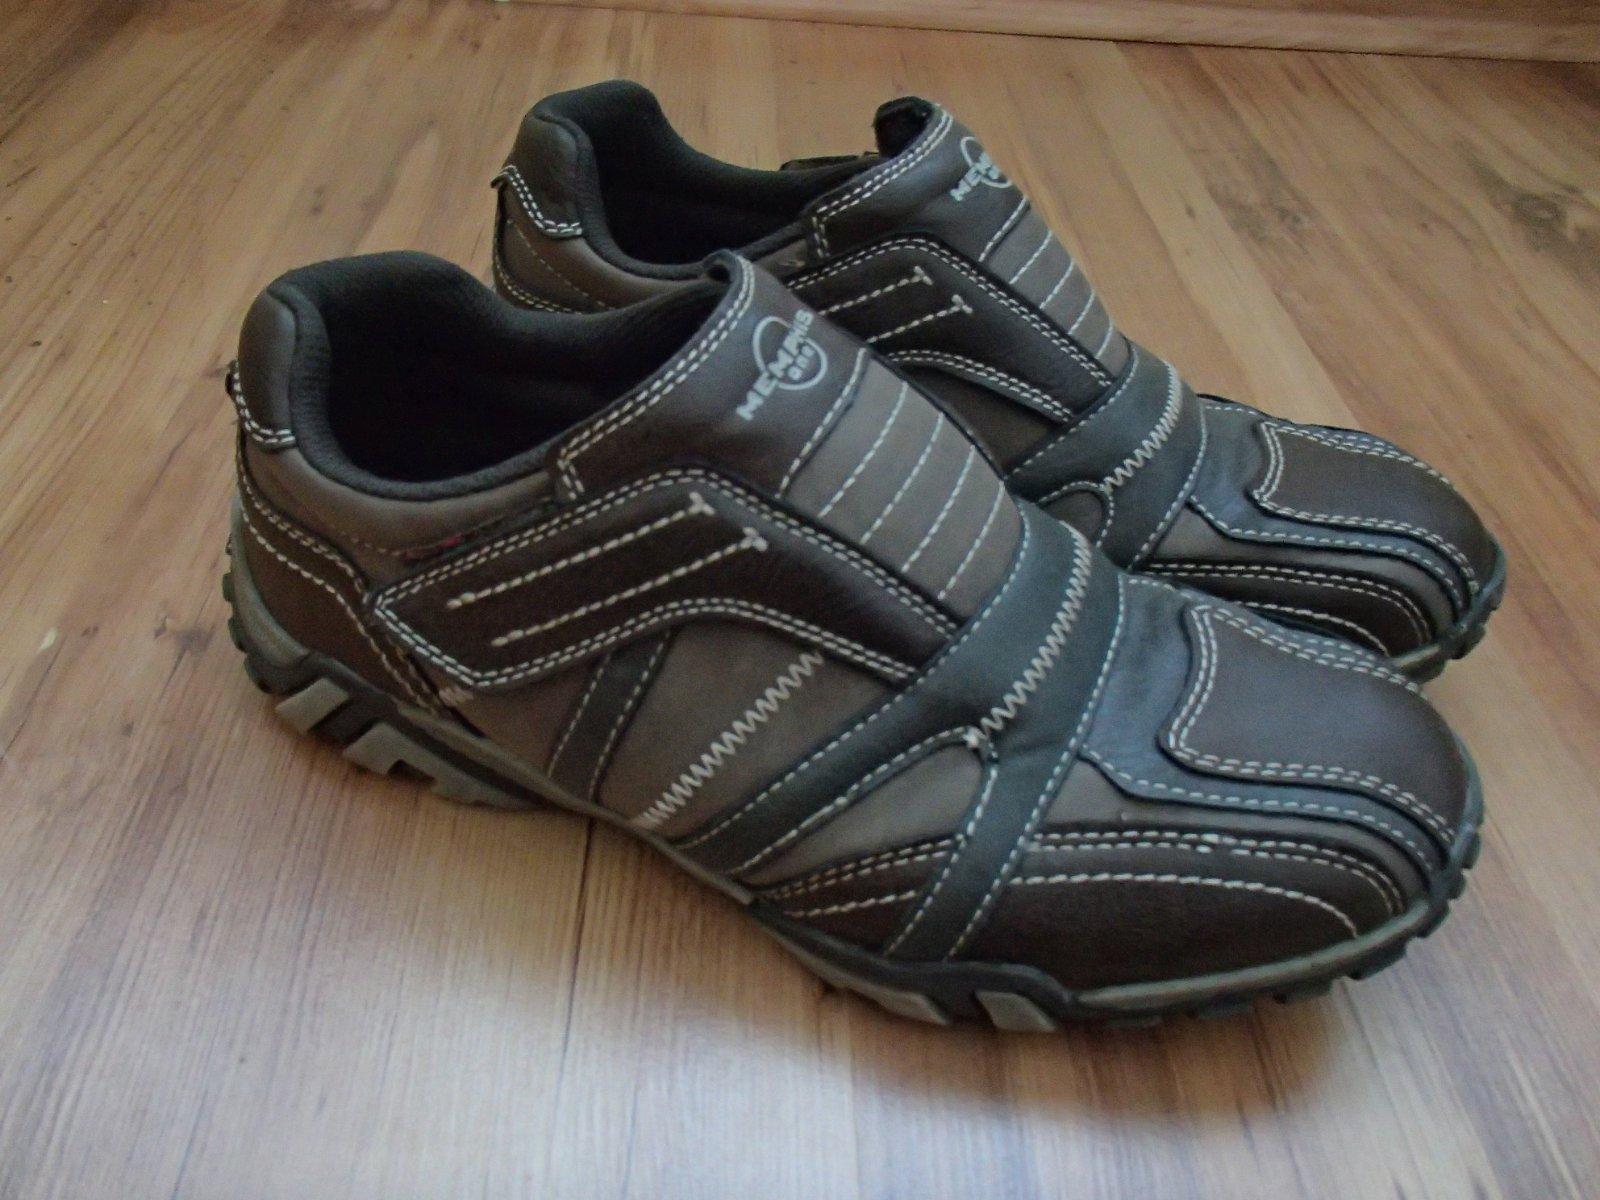 52a553b3b Pánske topánky, deichmann,41 - 7 € od predávajúcej stankazv | Detský bazár  | ModryKonik.sk